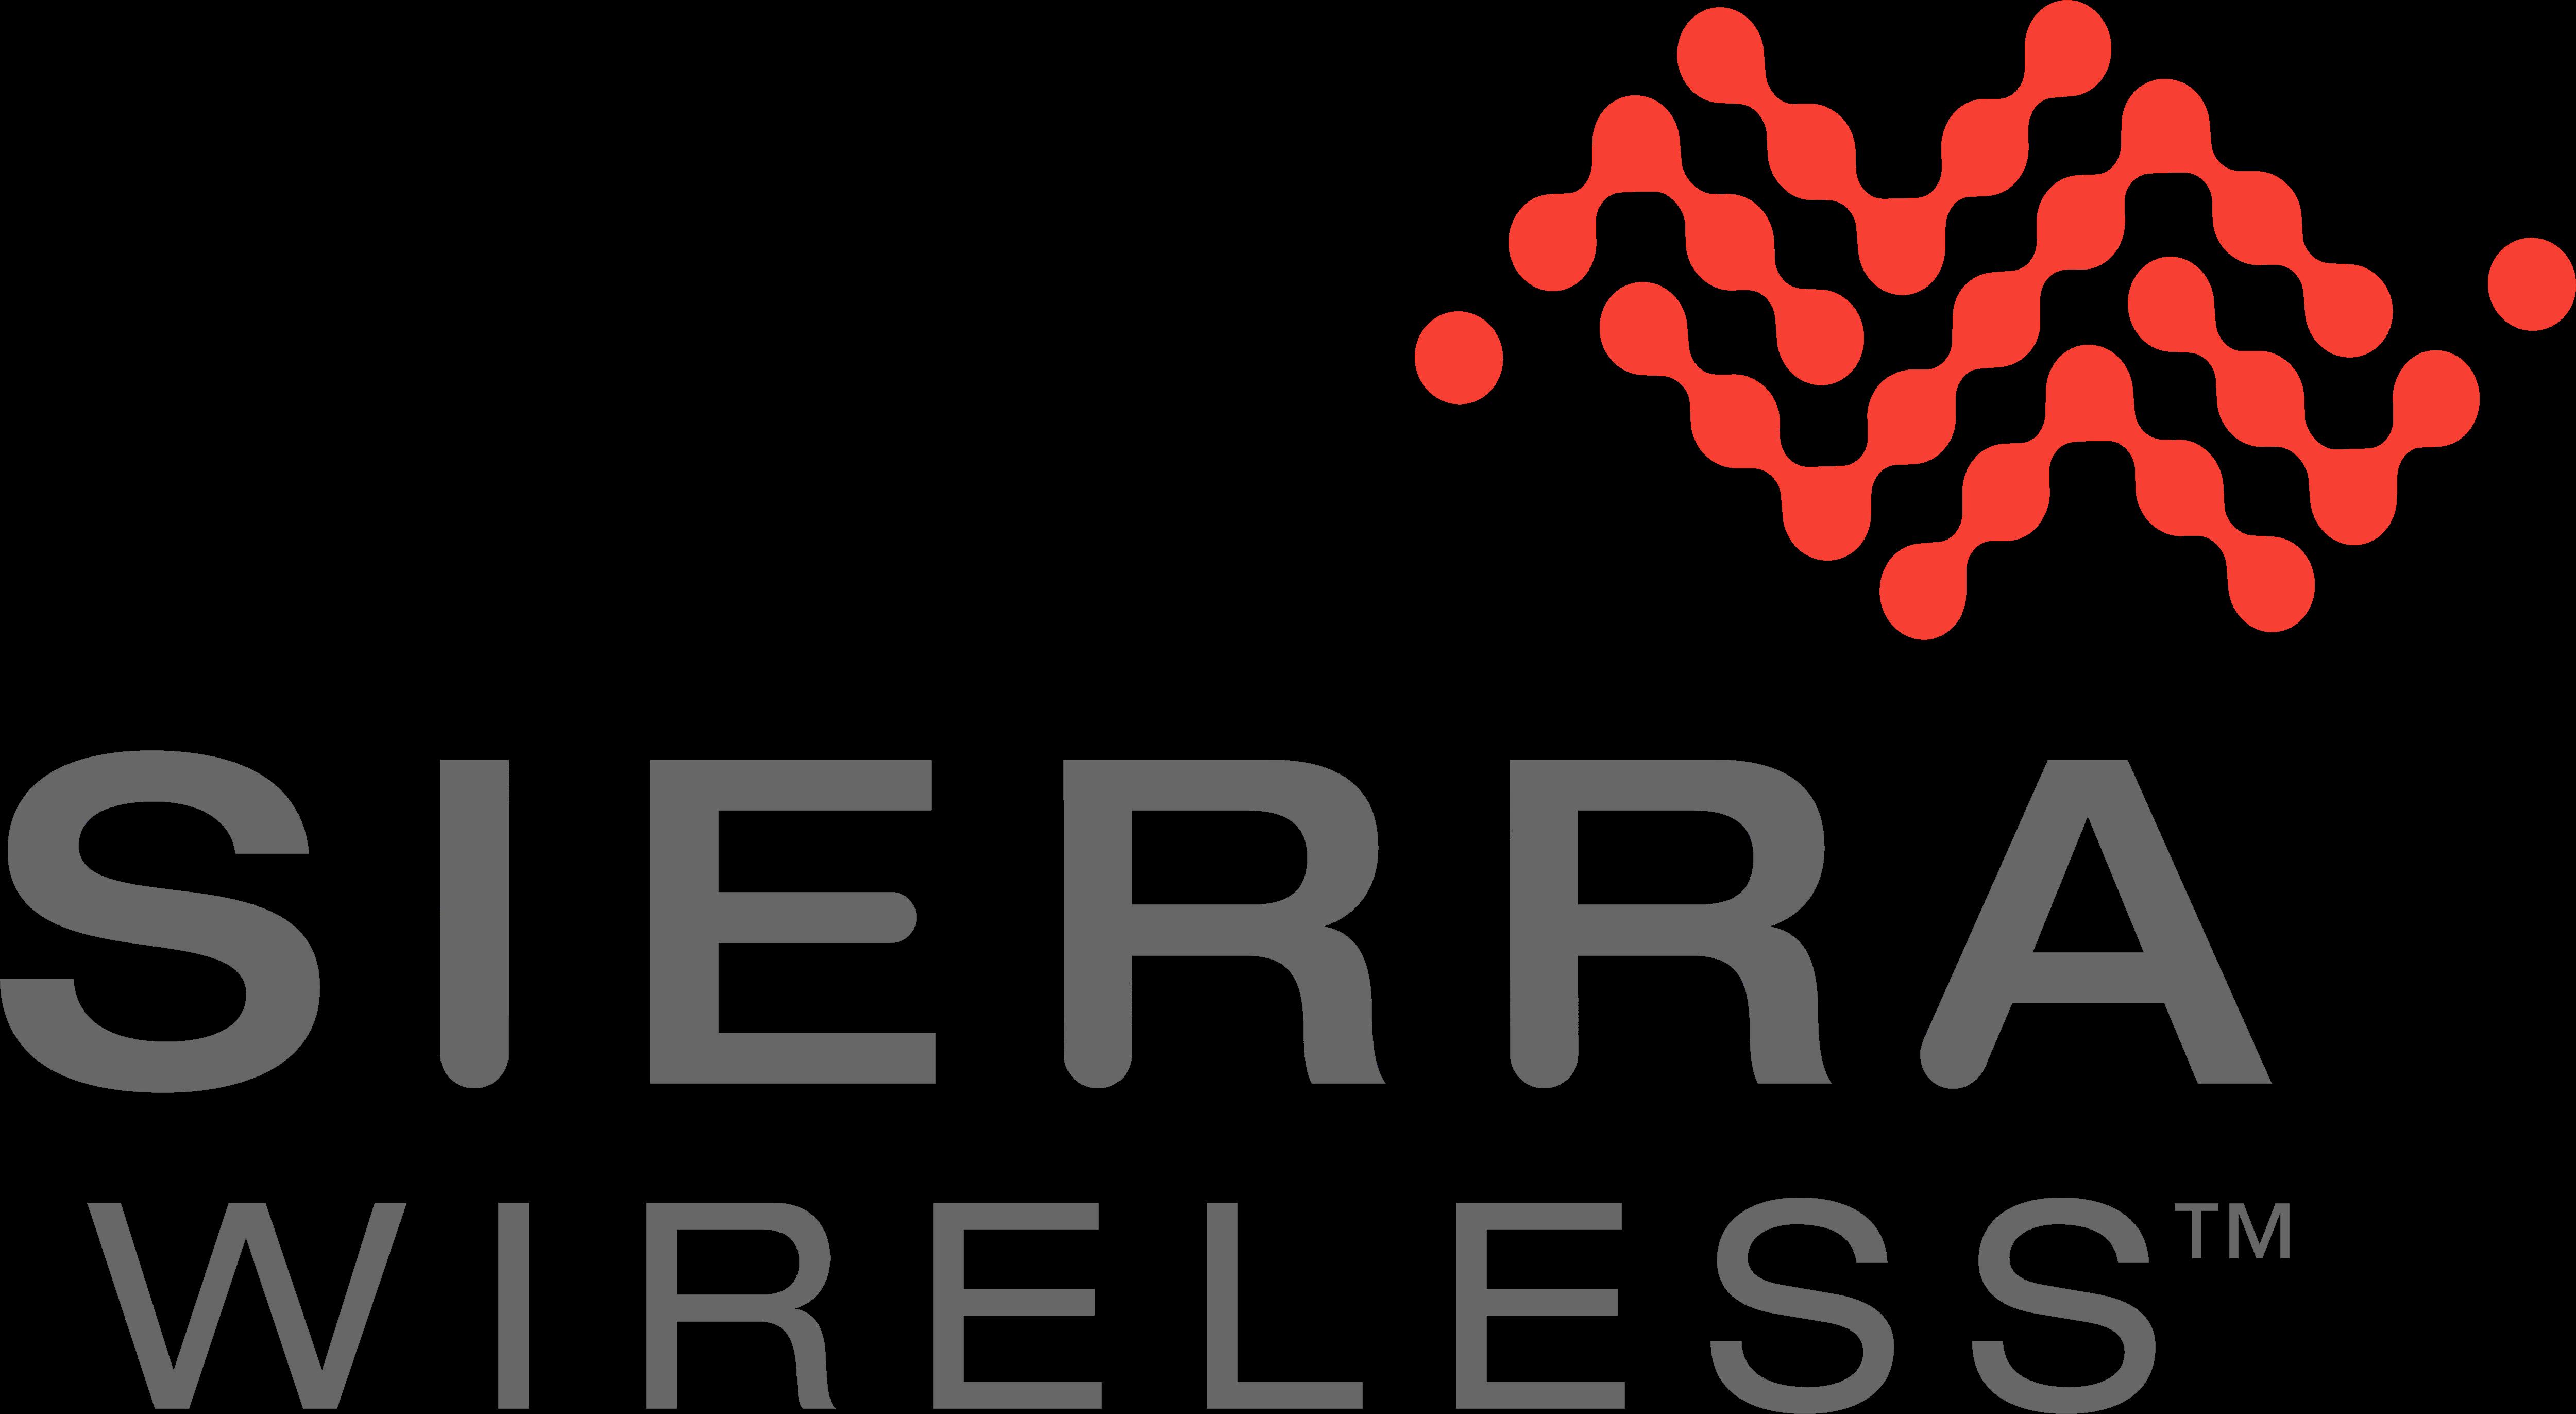 Sierra_Wireless_logo